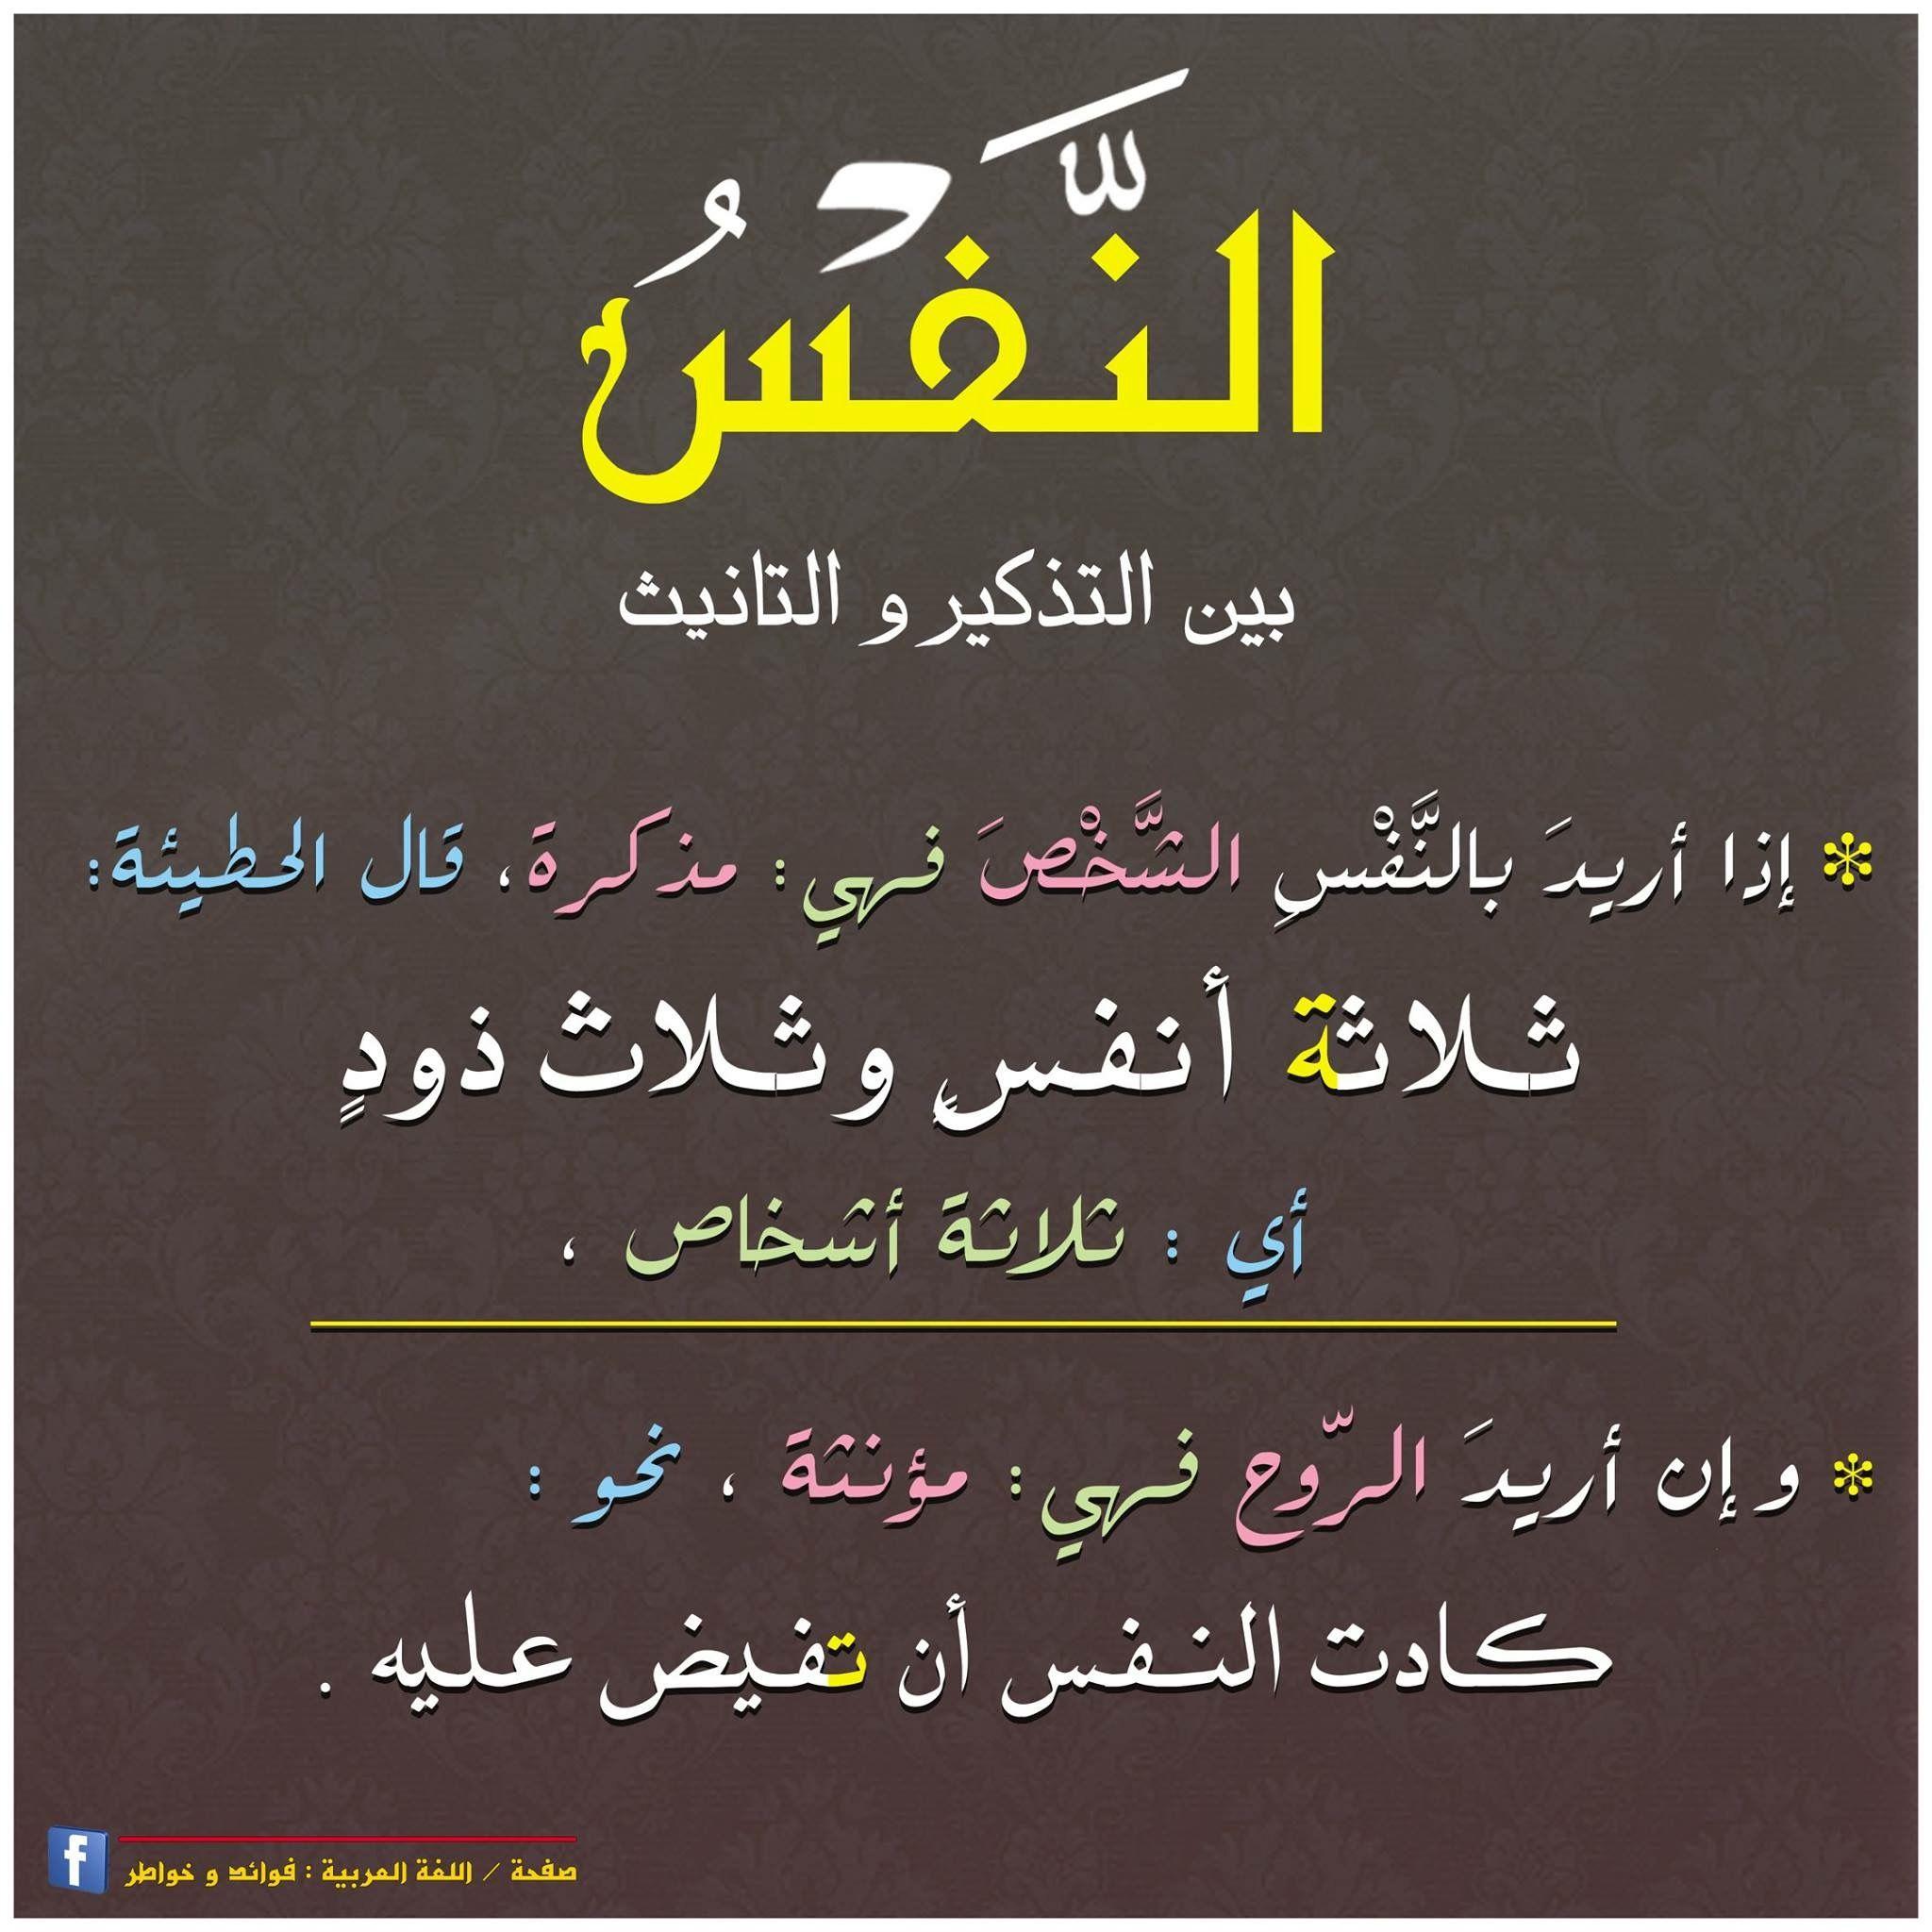 Pin By Khaled Bahnasawy On منوعة عربية Learn Arabic Language Learning Arabic Words